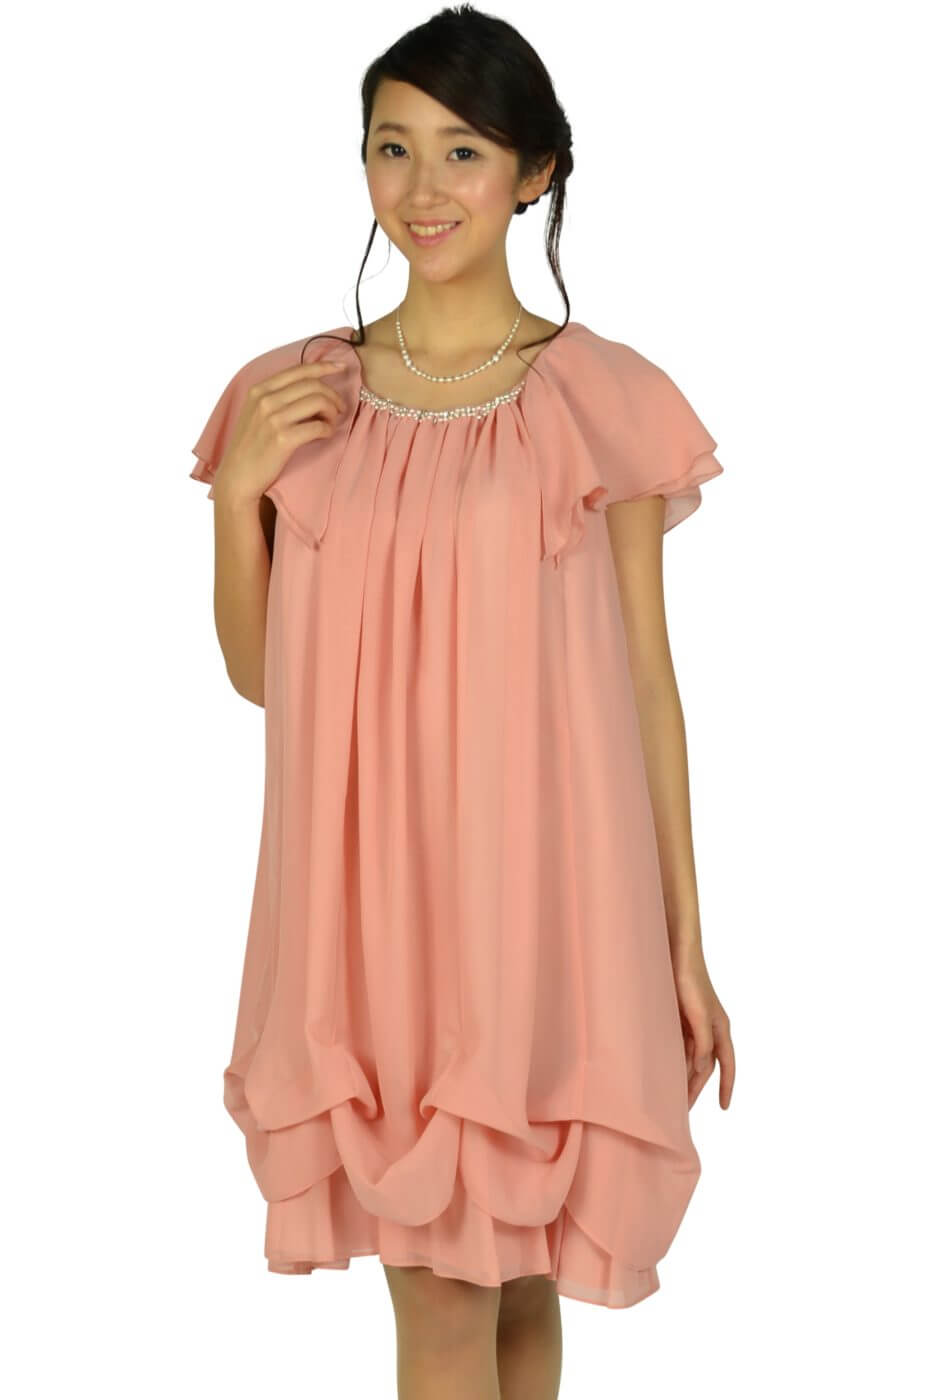 デリセノアール (DELLISE NOIR)ゆったりAラインピンクドレス